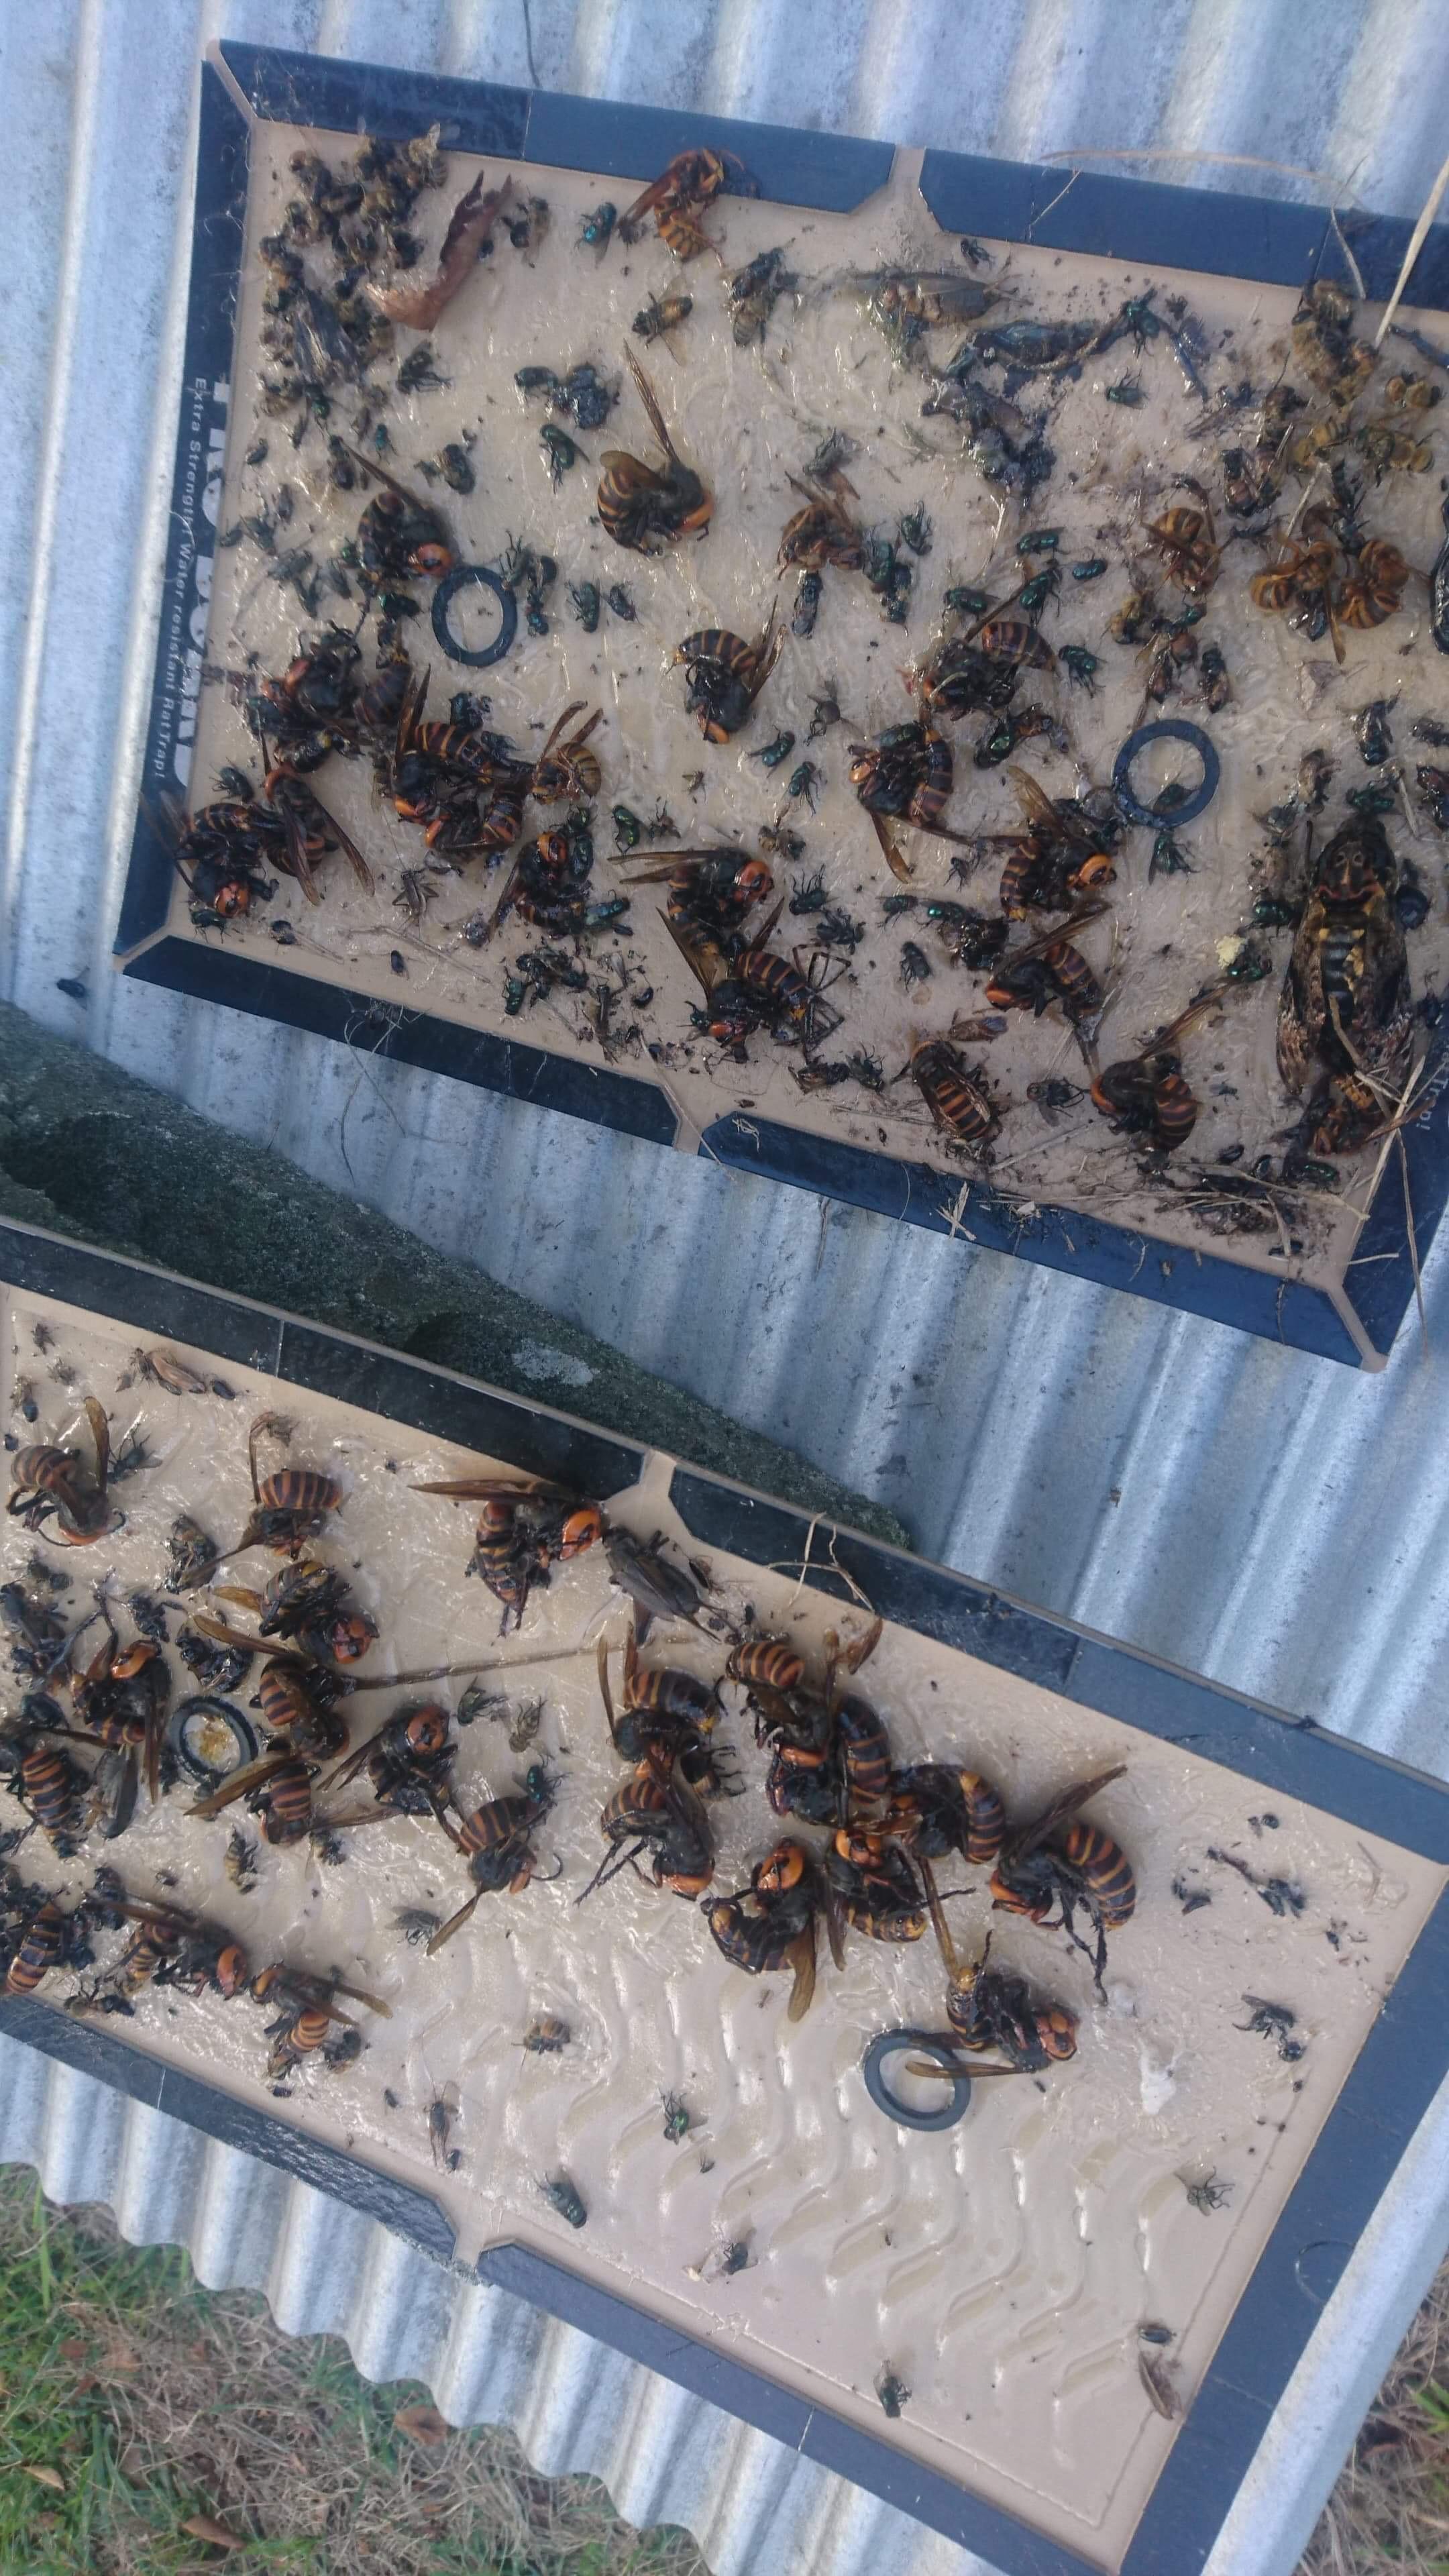 スズメバチ退治の日々